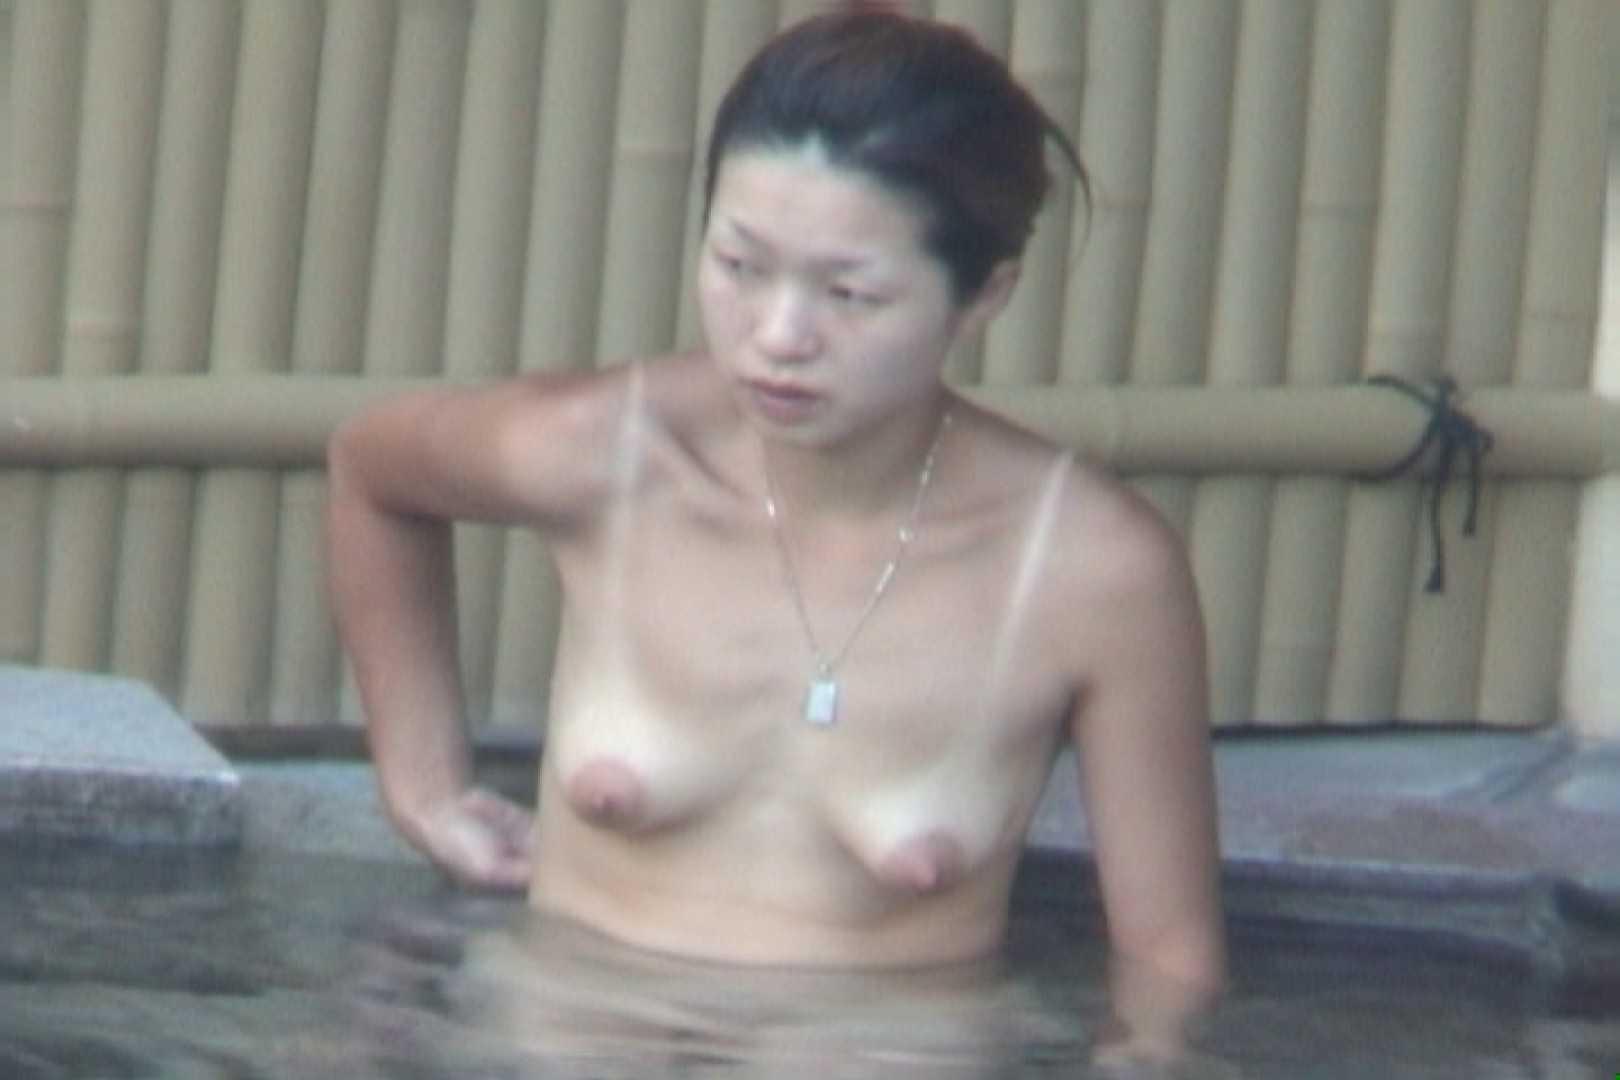 Aquaな露天風呂Vol.571 OLすけべ画像 ヌード画像 81連発 8